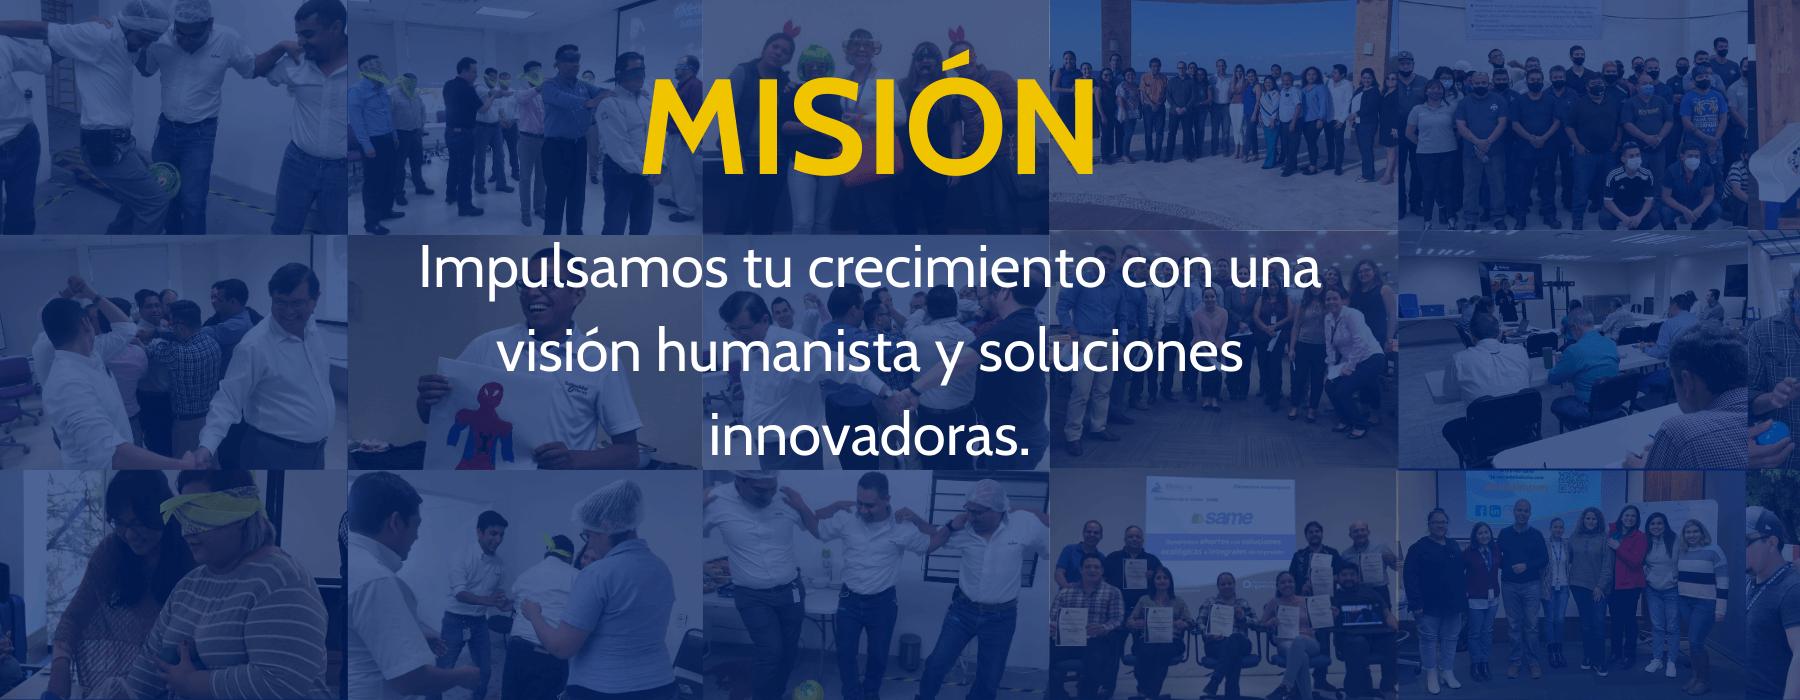 02-Misión